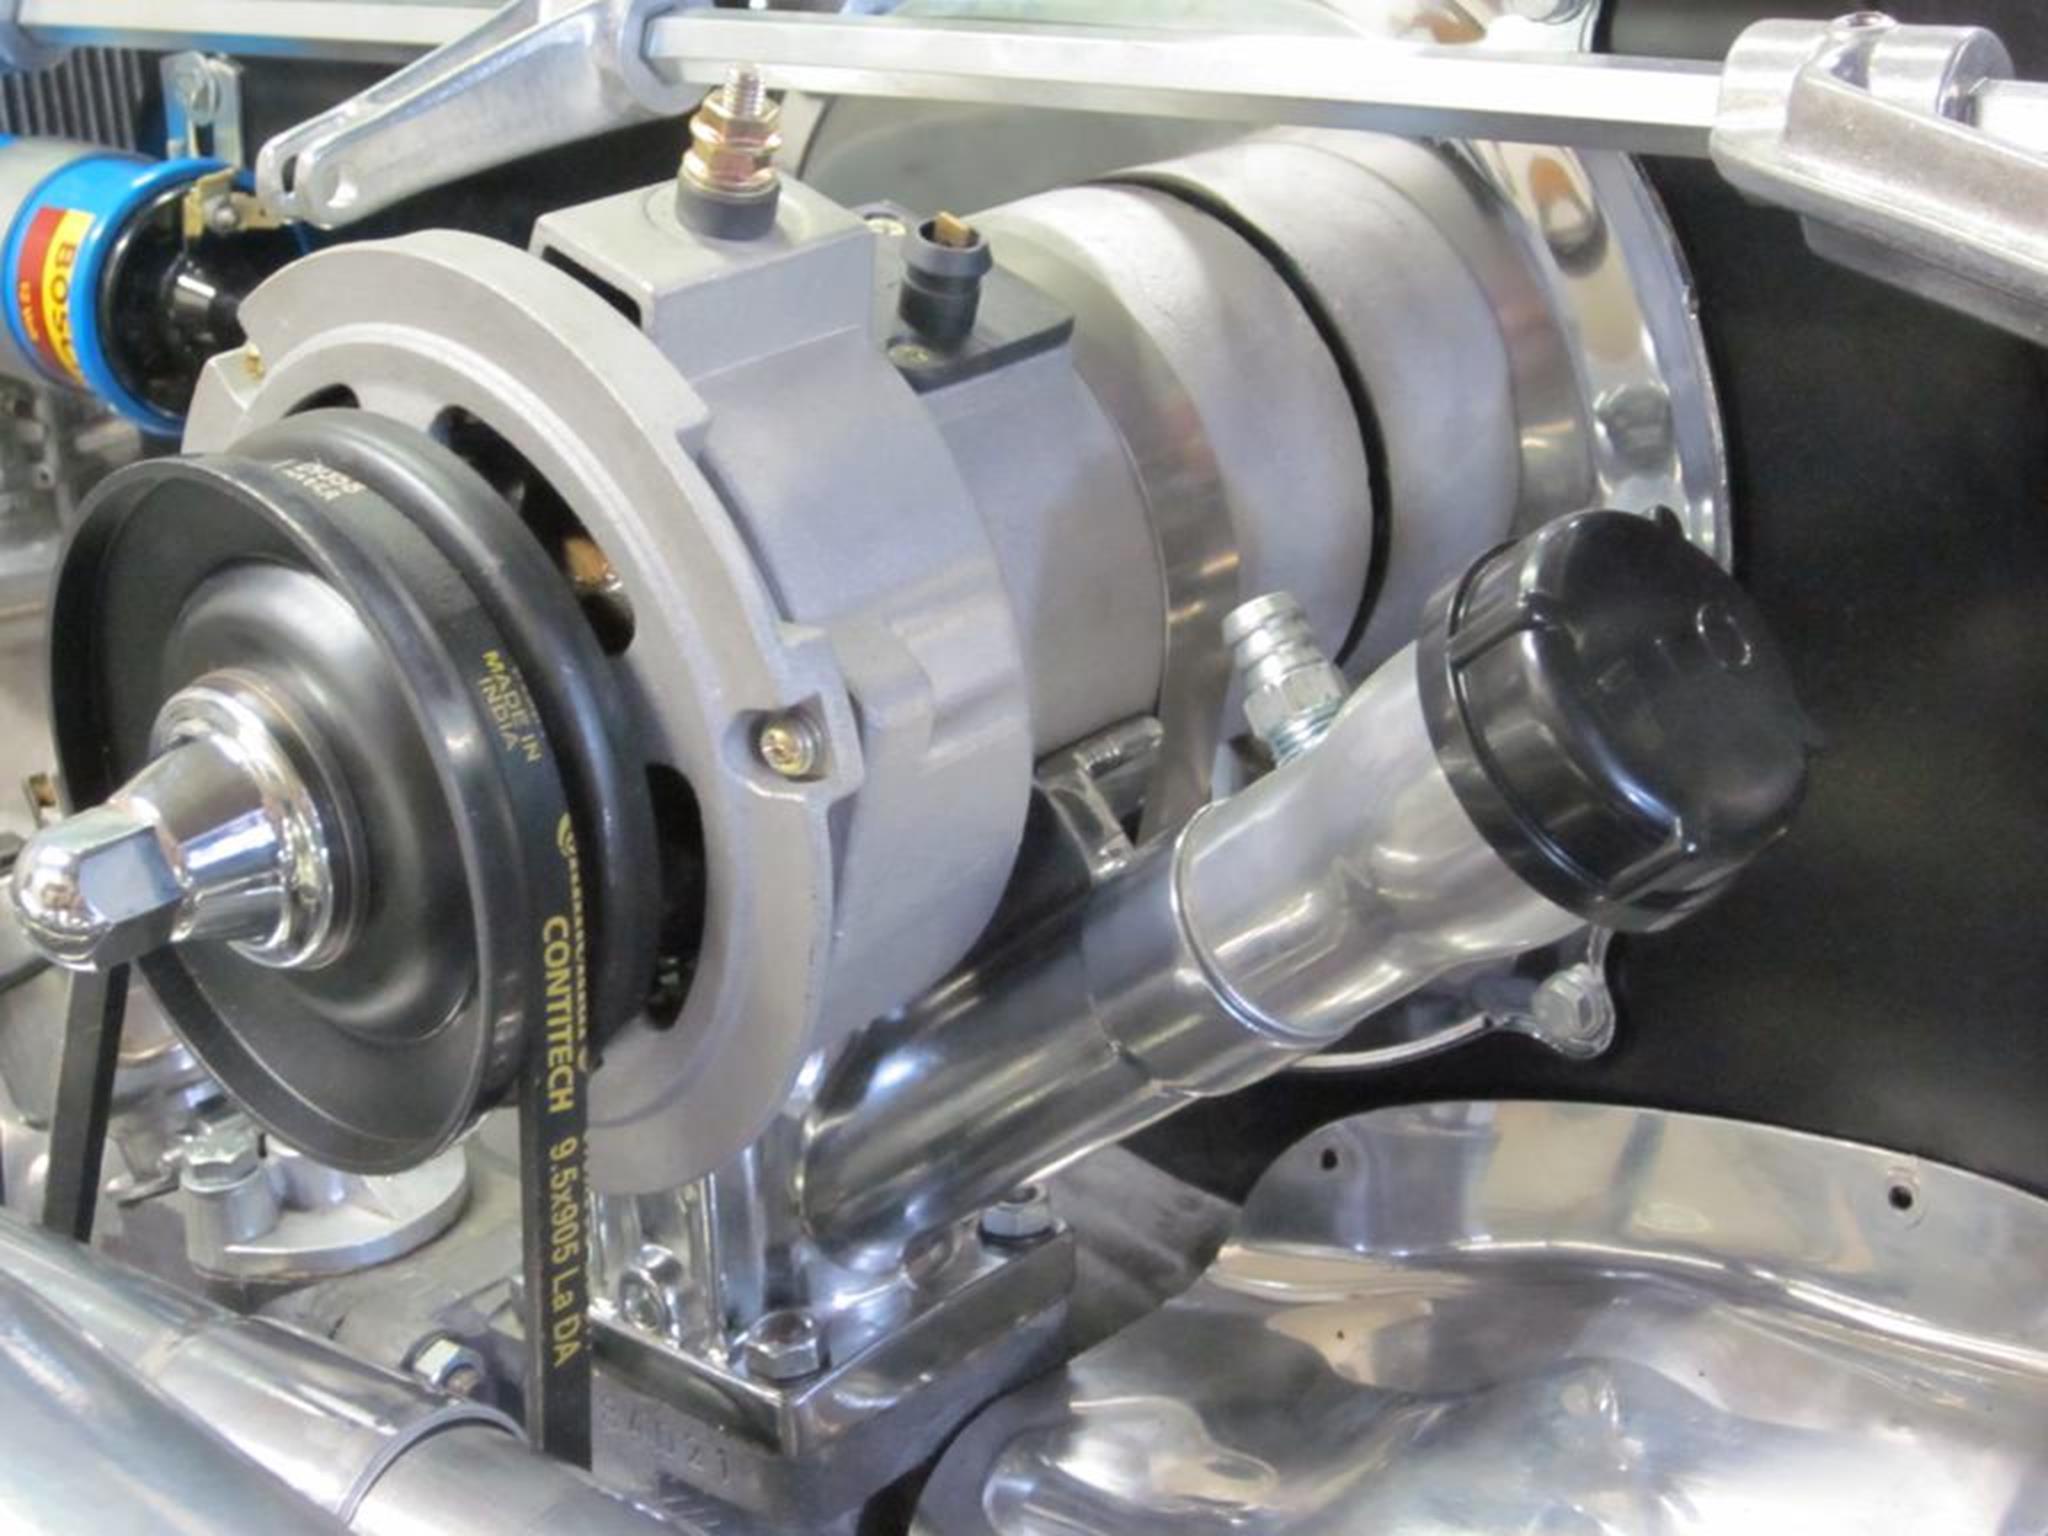 Waynes Meyers Manx Kick Out Ss Peninsula Automotive Wiring Harness Wayne 18